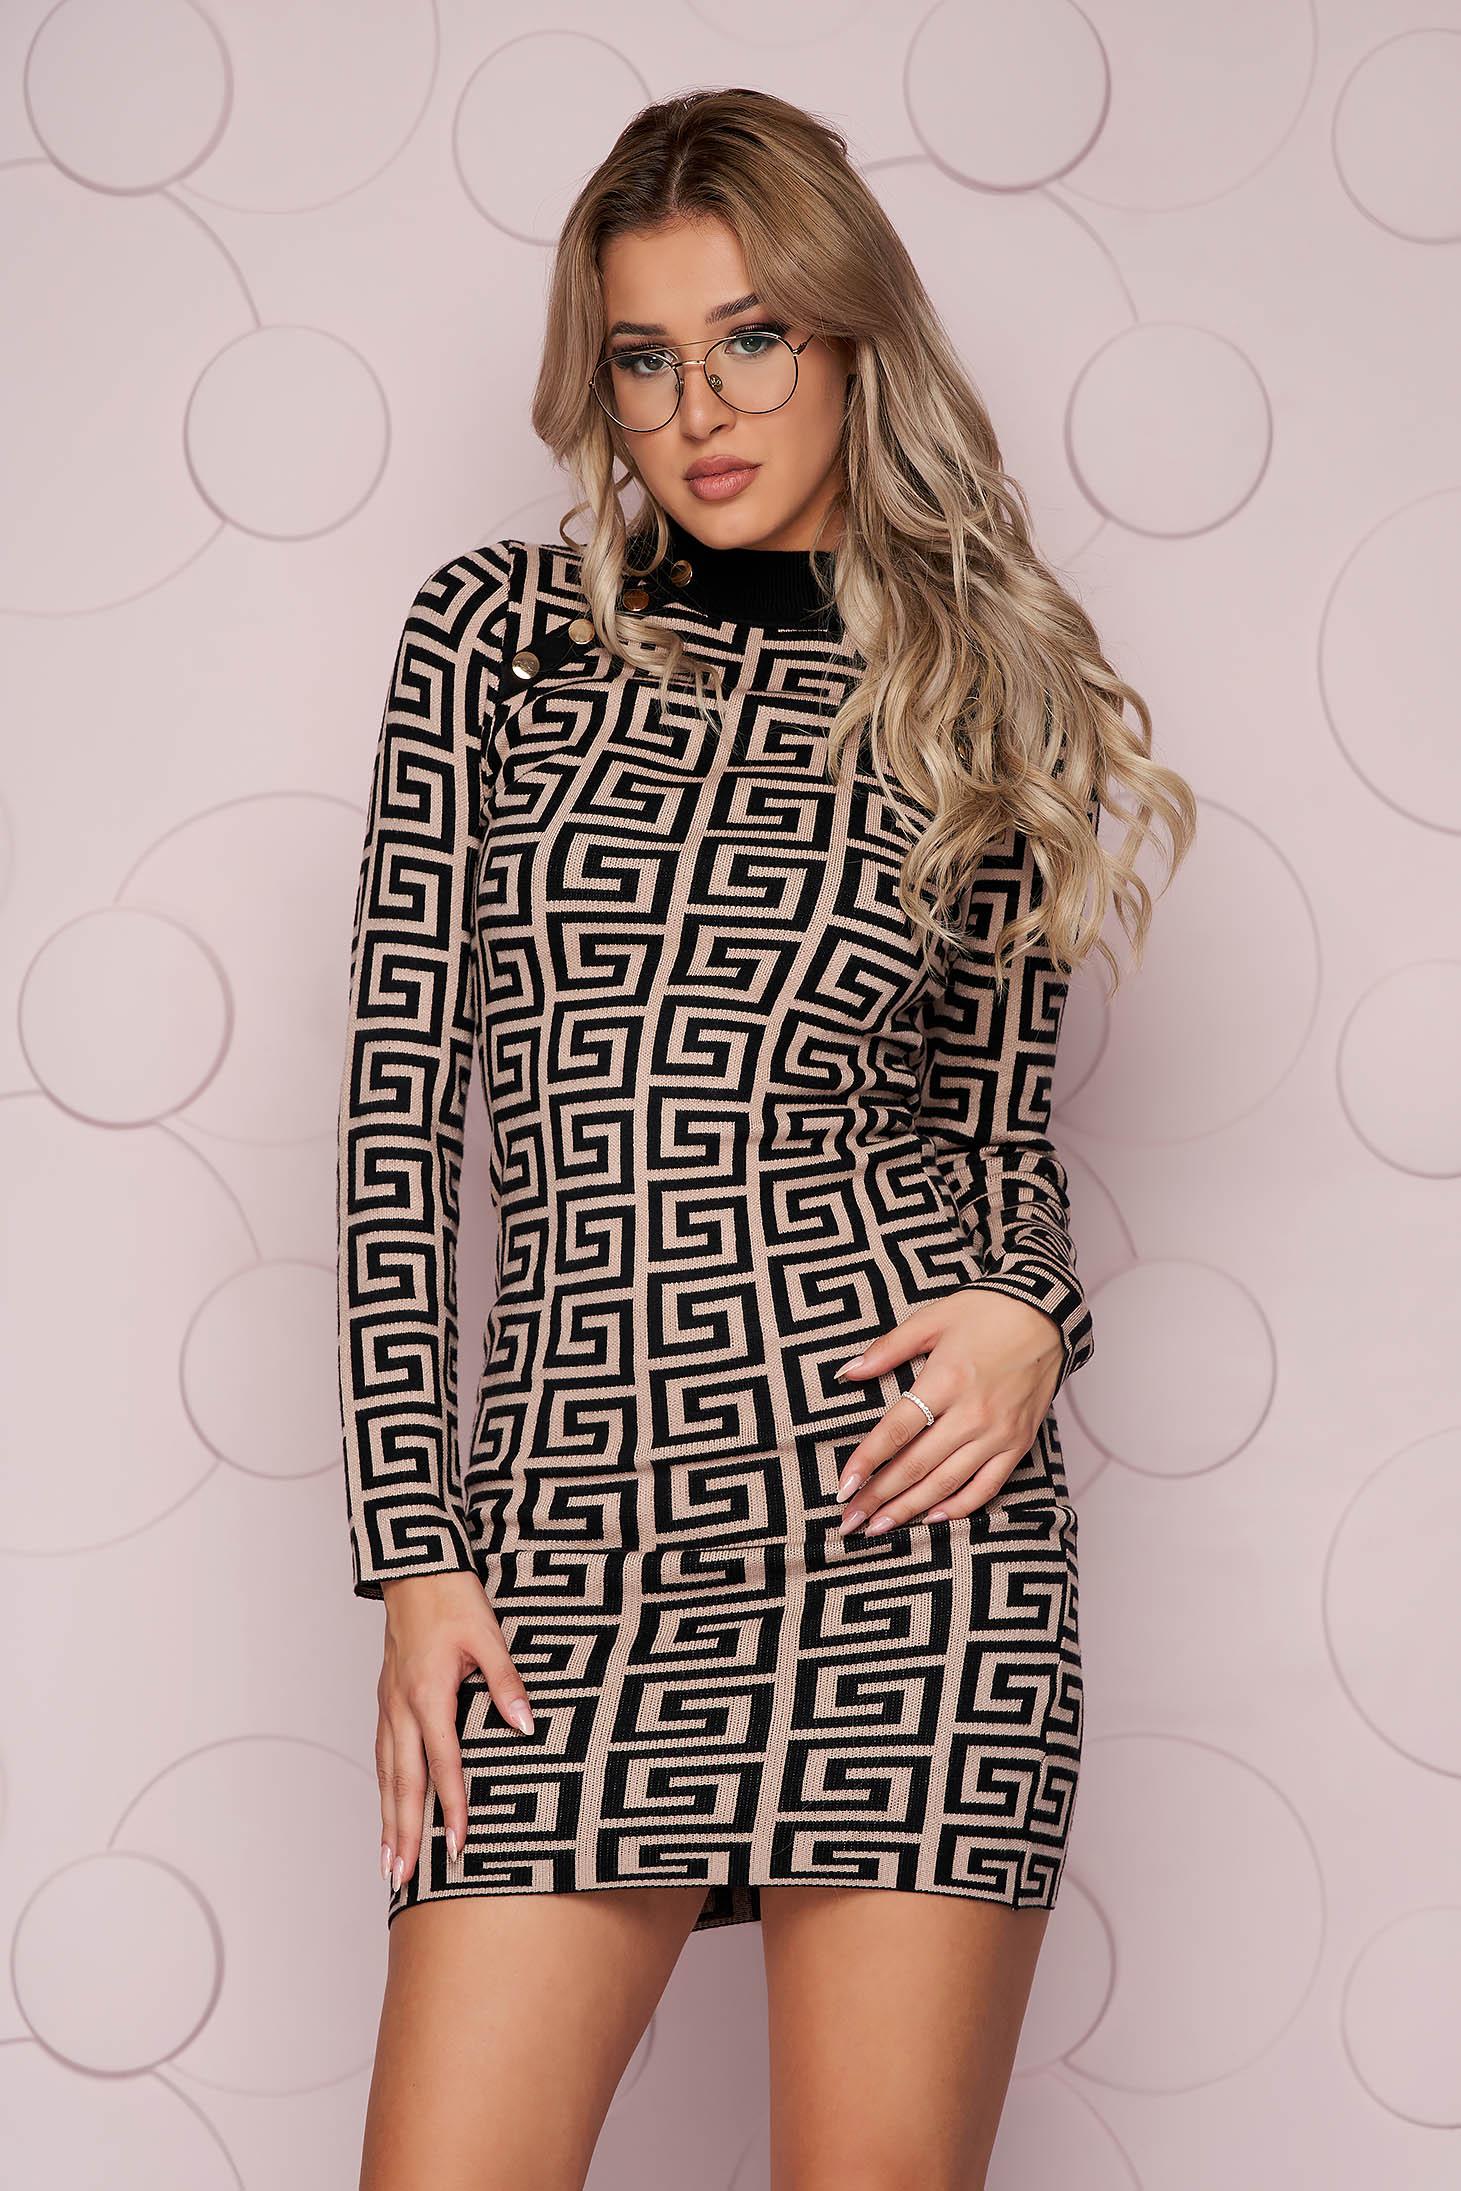 Rochie SunShine maro scurta cu un croi mulat din material tricotat subtire si elastic accesorizata cu nasturi